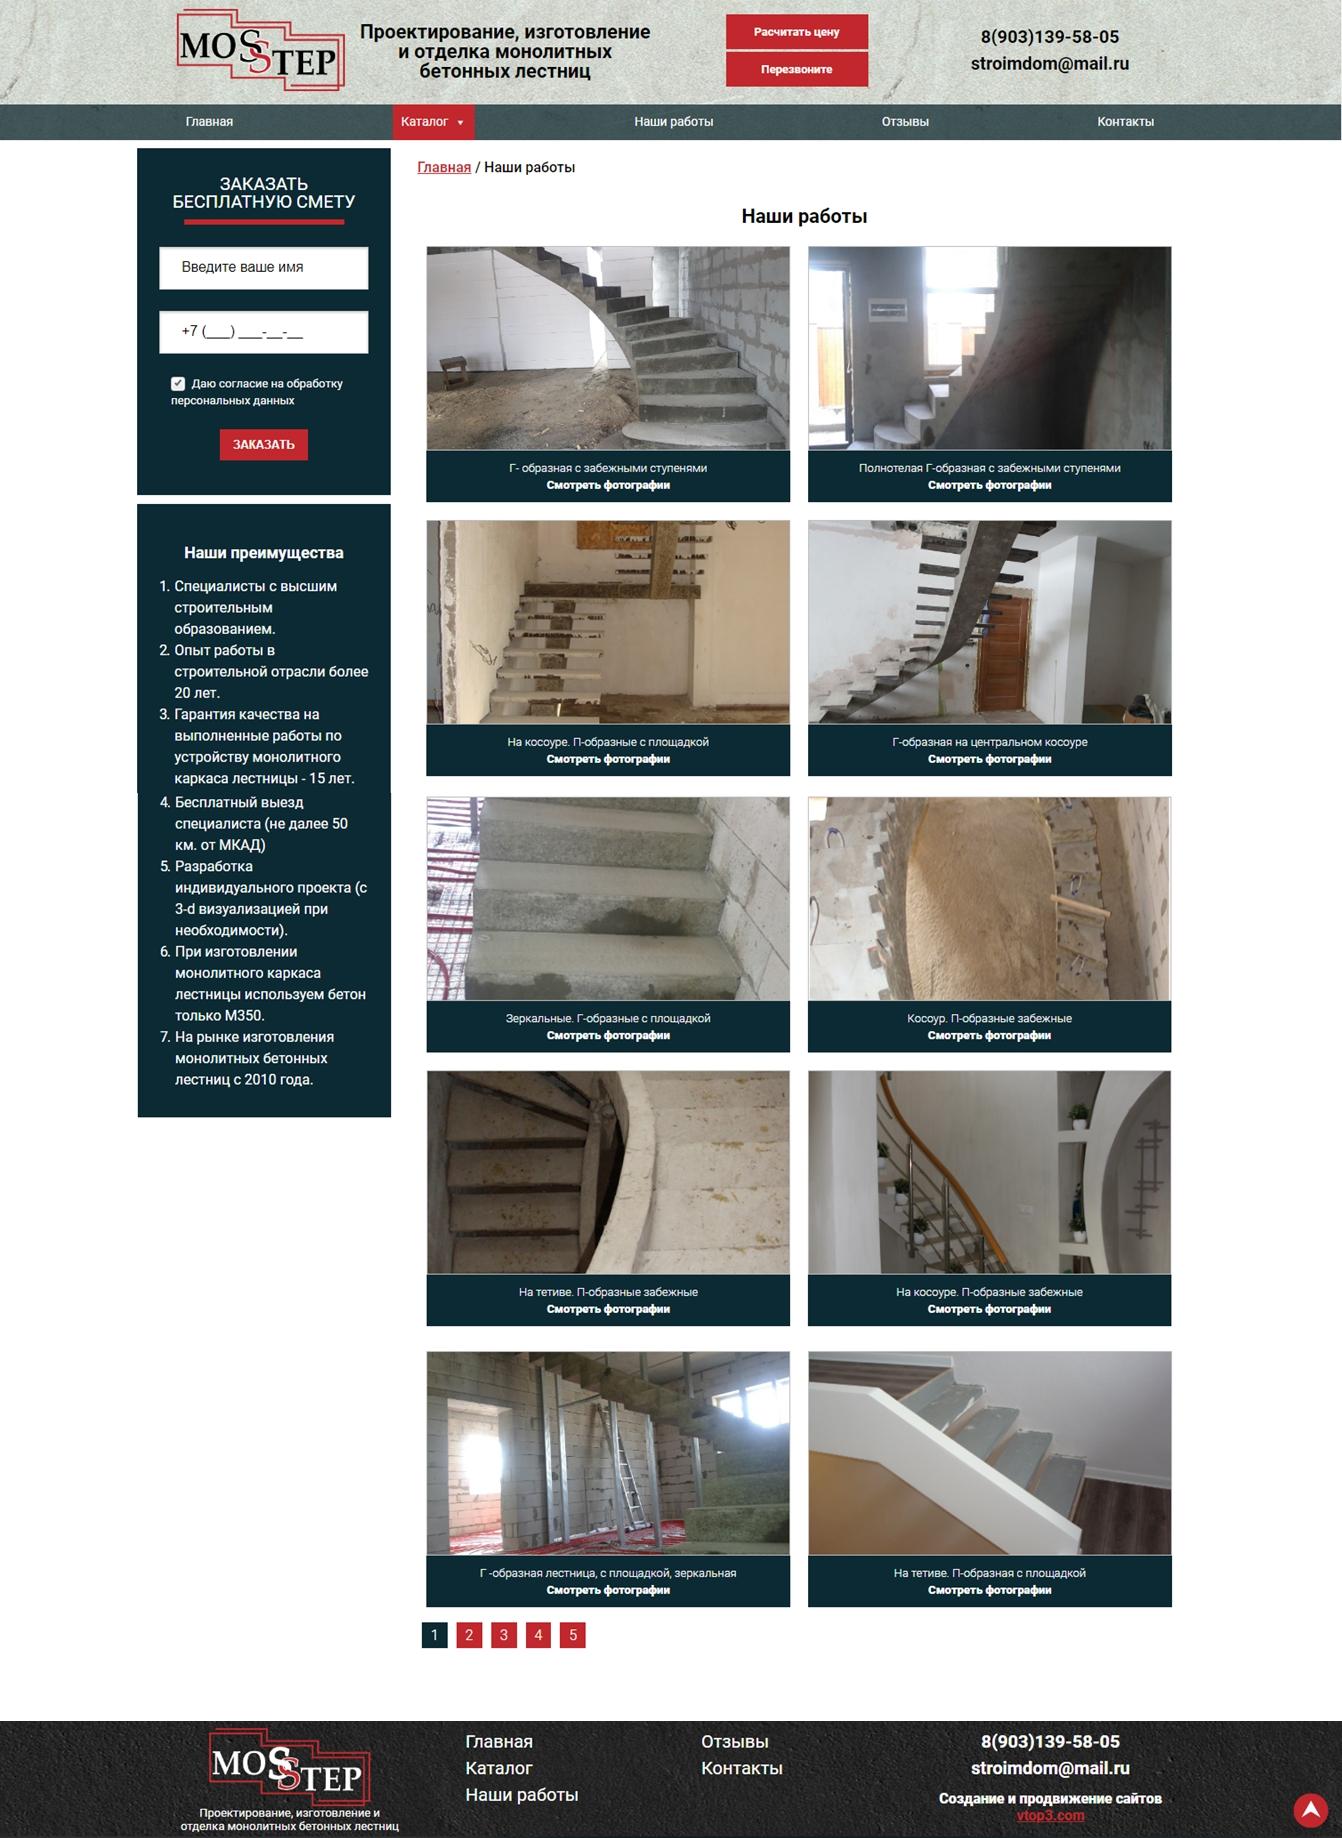 Создание сайта по строительству бетонных лестниц